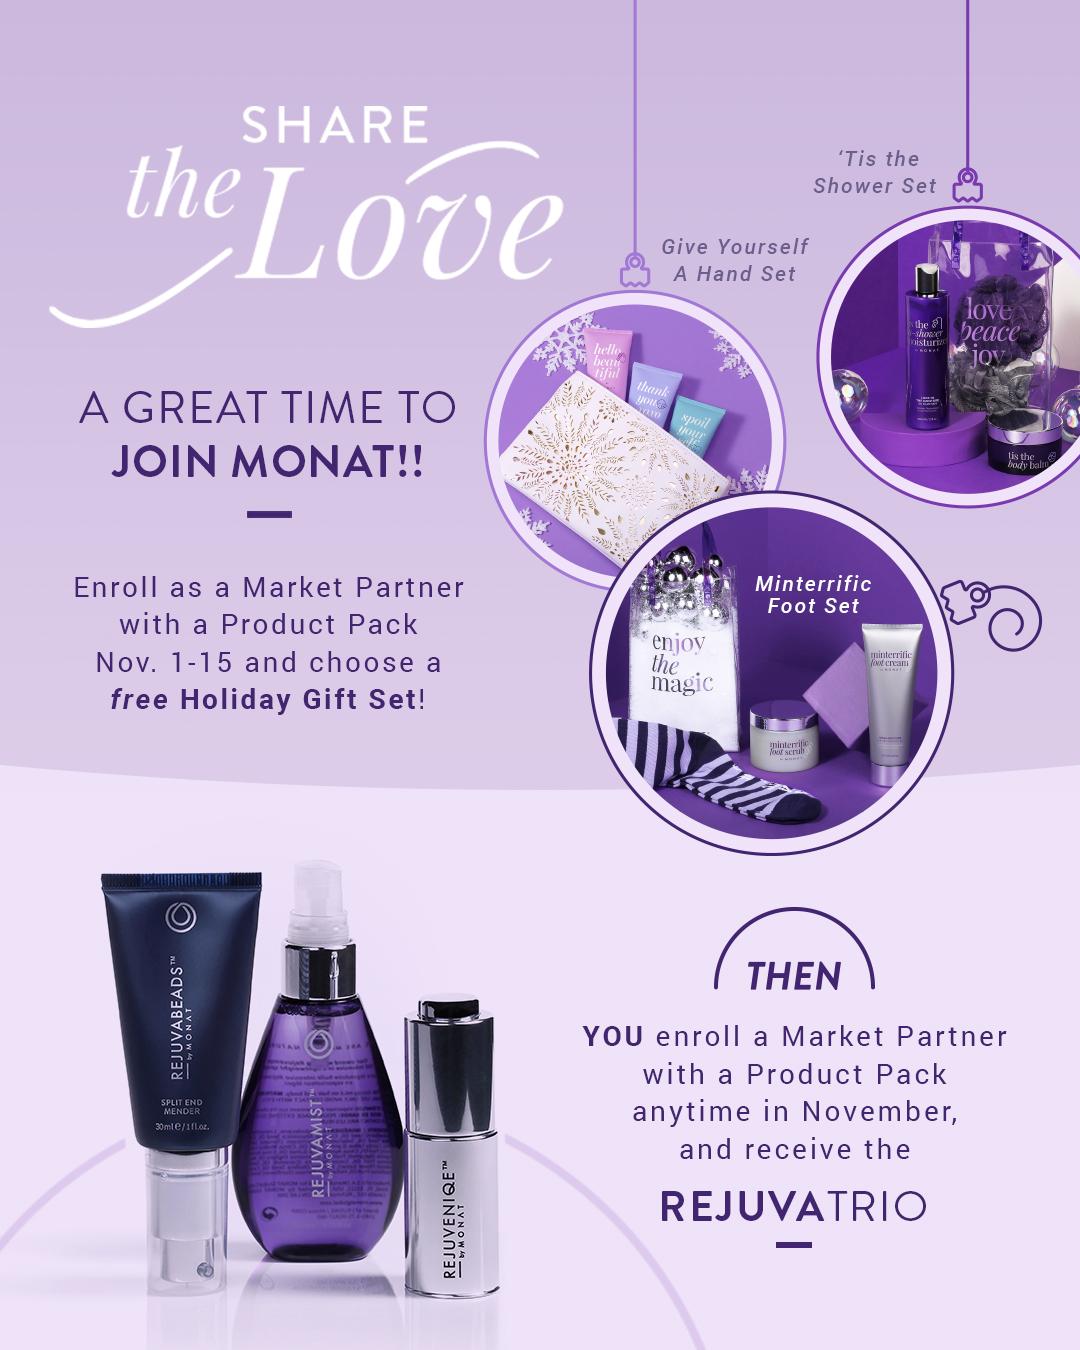 Share_The_Love_Sponsoring_Offer_November_01112017_POST.jpg